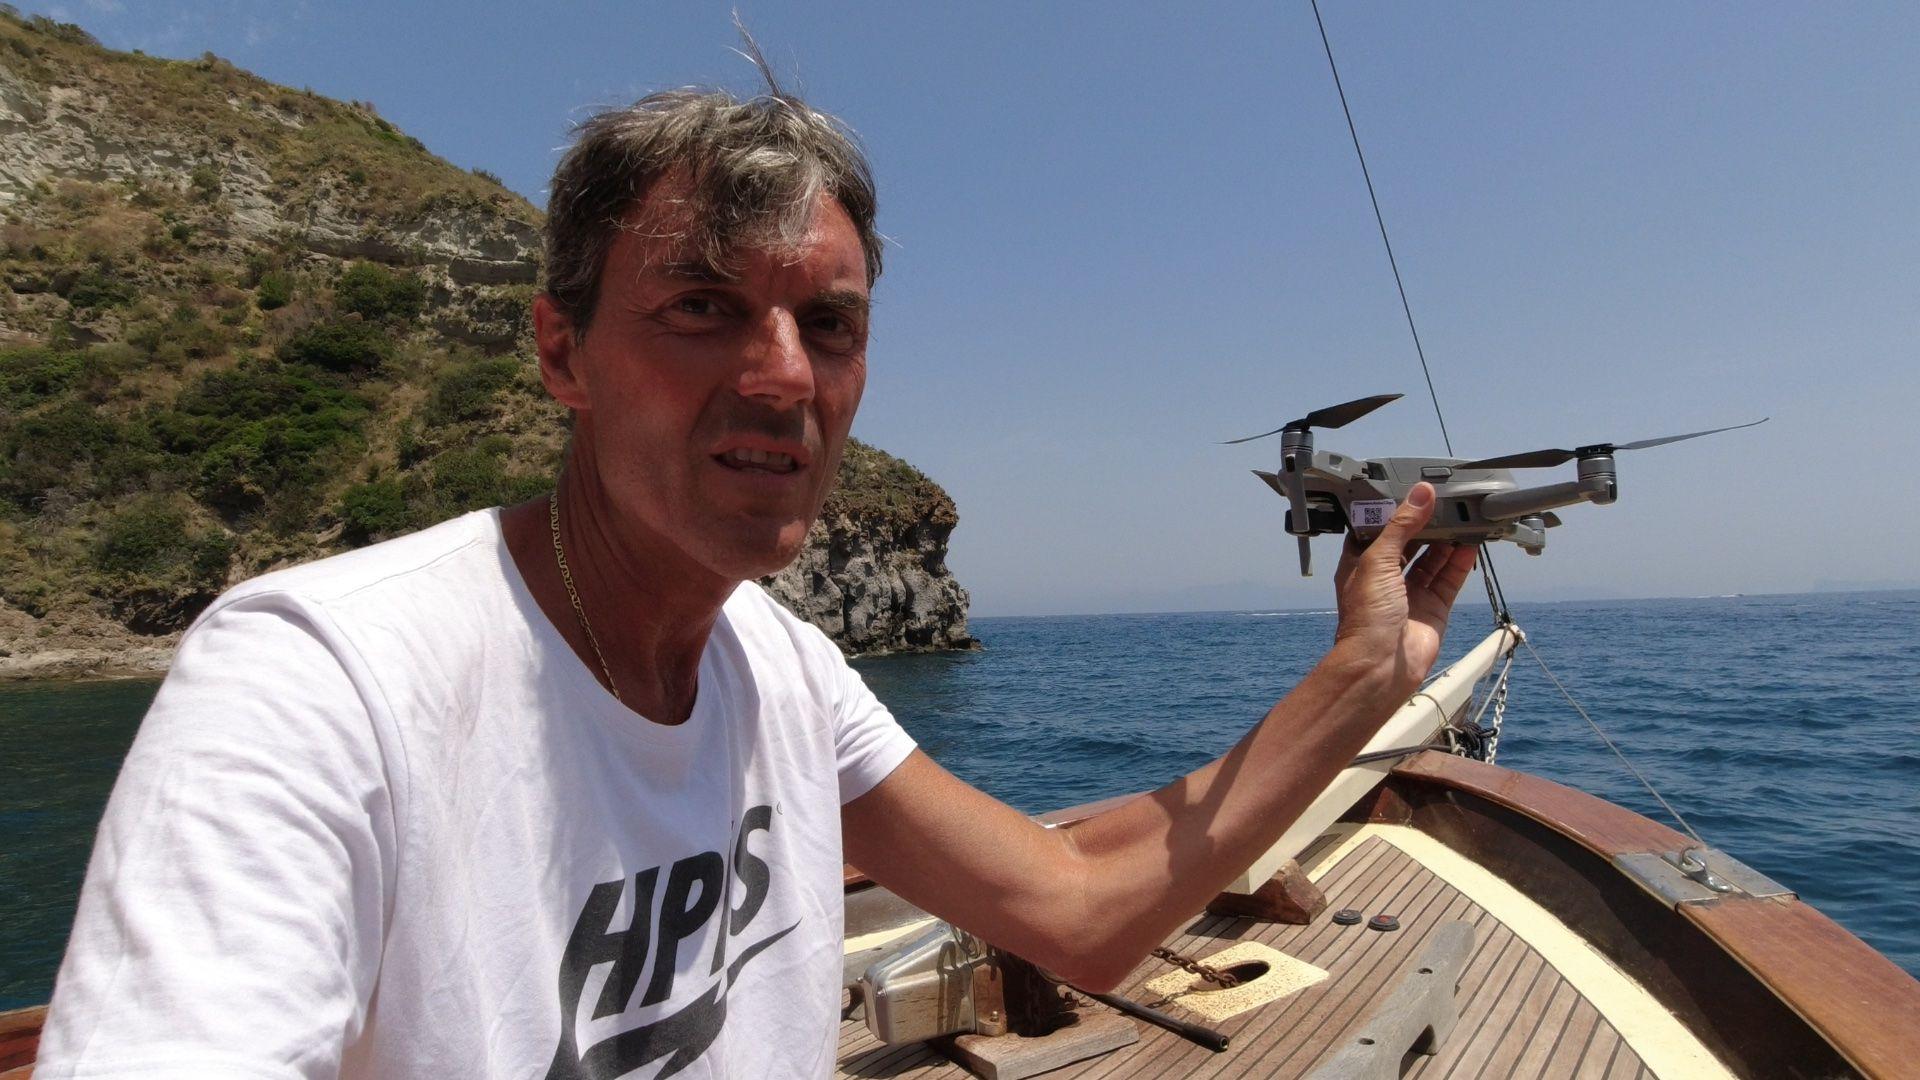 Drone: Come decollare e atterrare dalla barca? [HowTo]